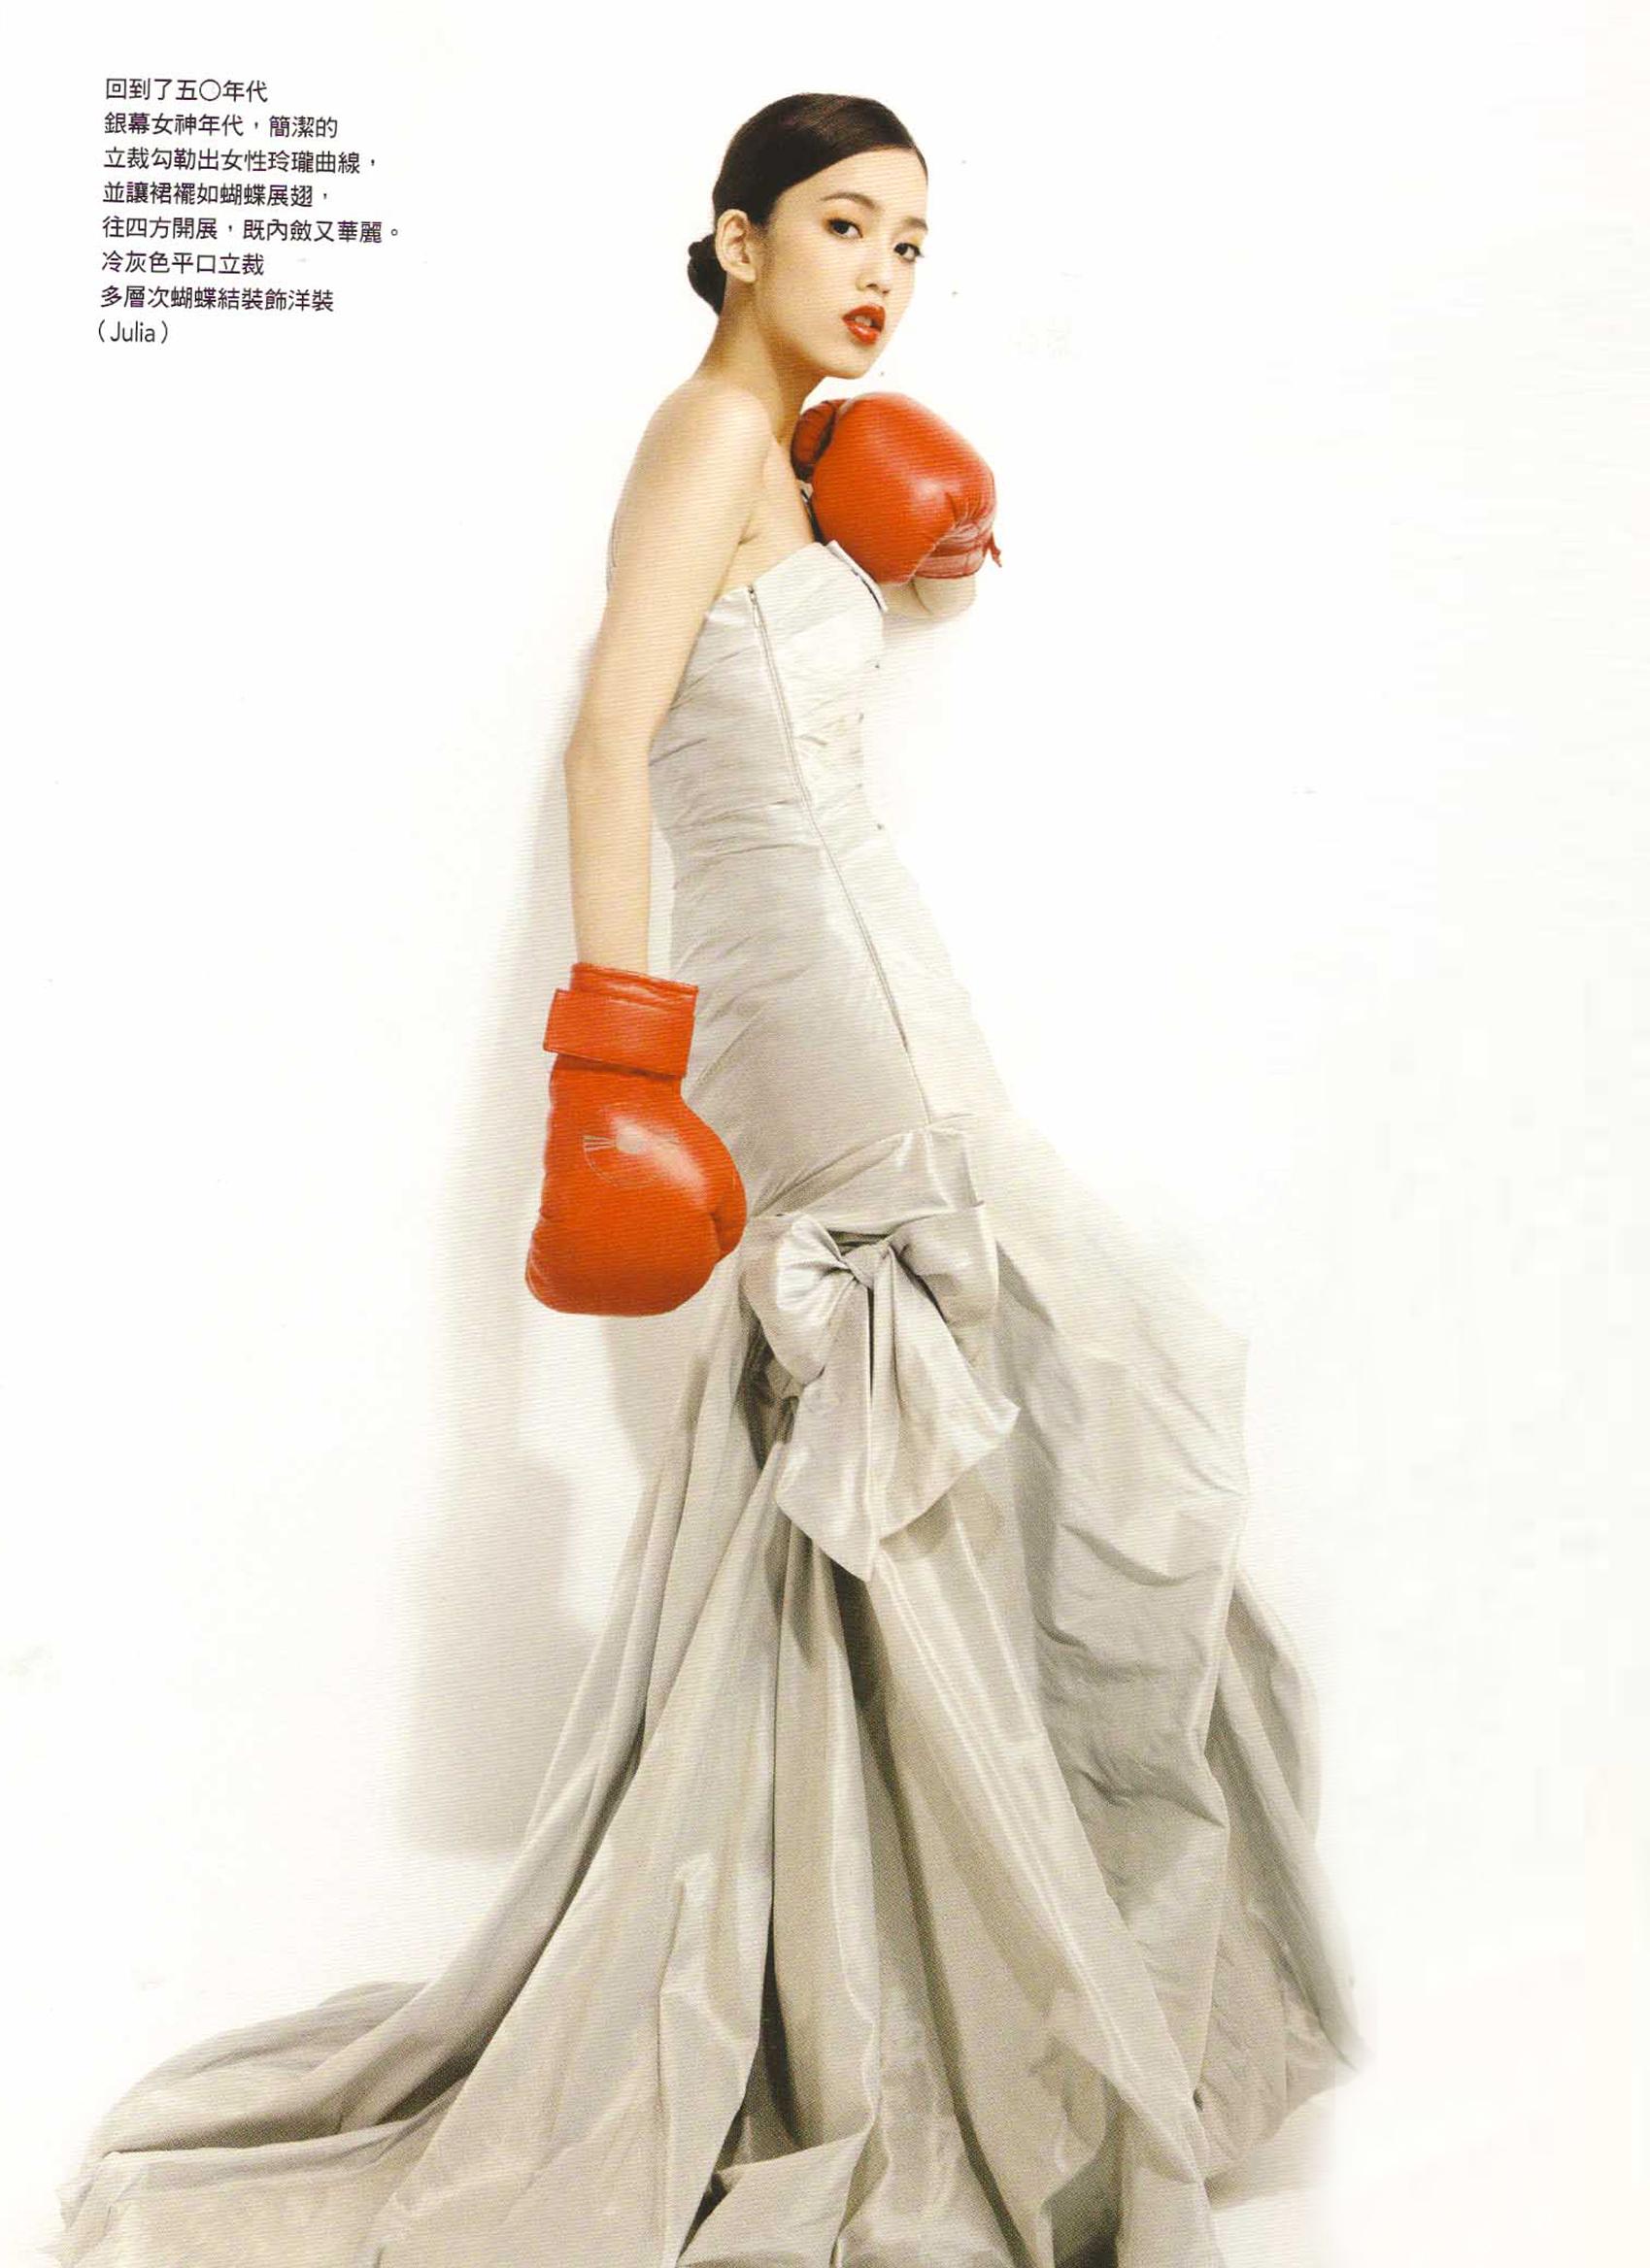 VOGUE時尚雜誌2011AUG八月號(2).jpg